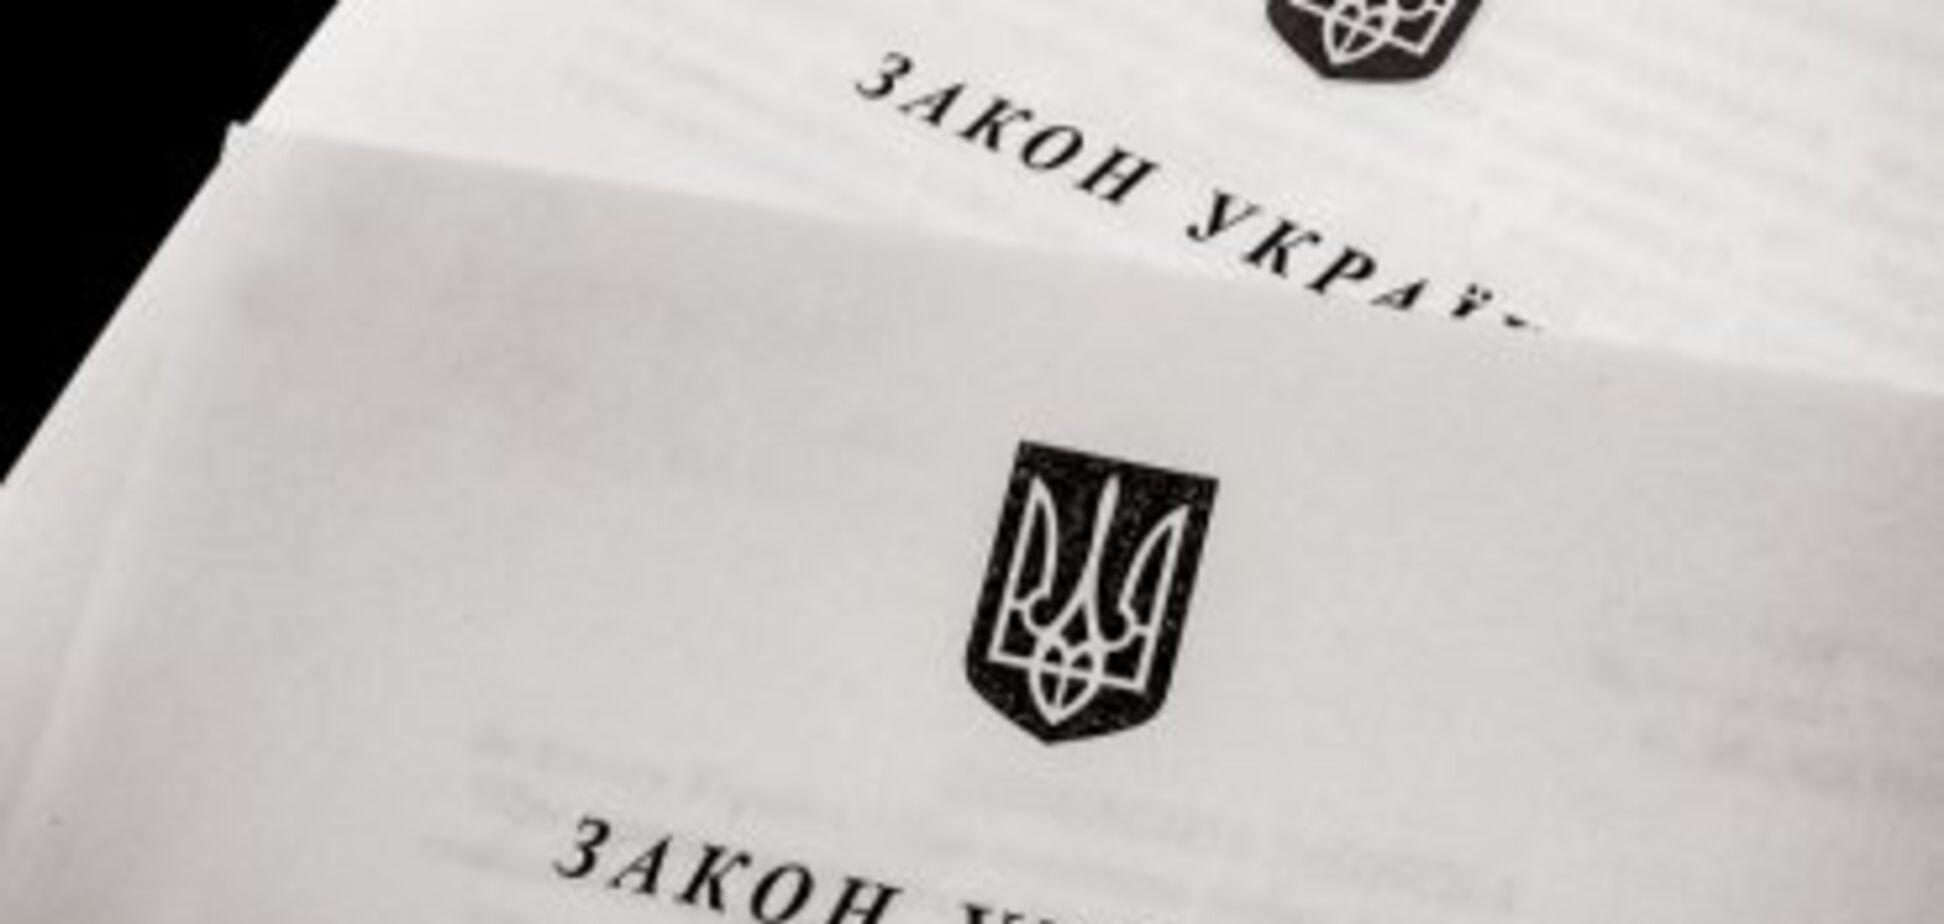 Закон о реинтеграции Донбасса: опубликован полный текст